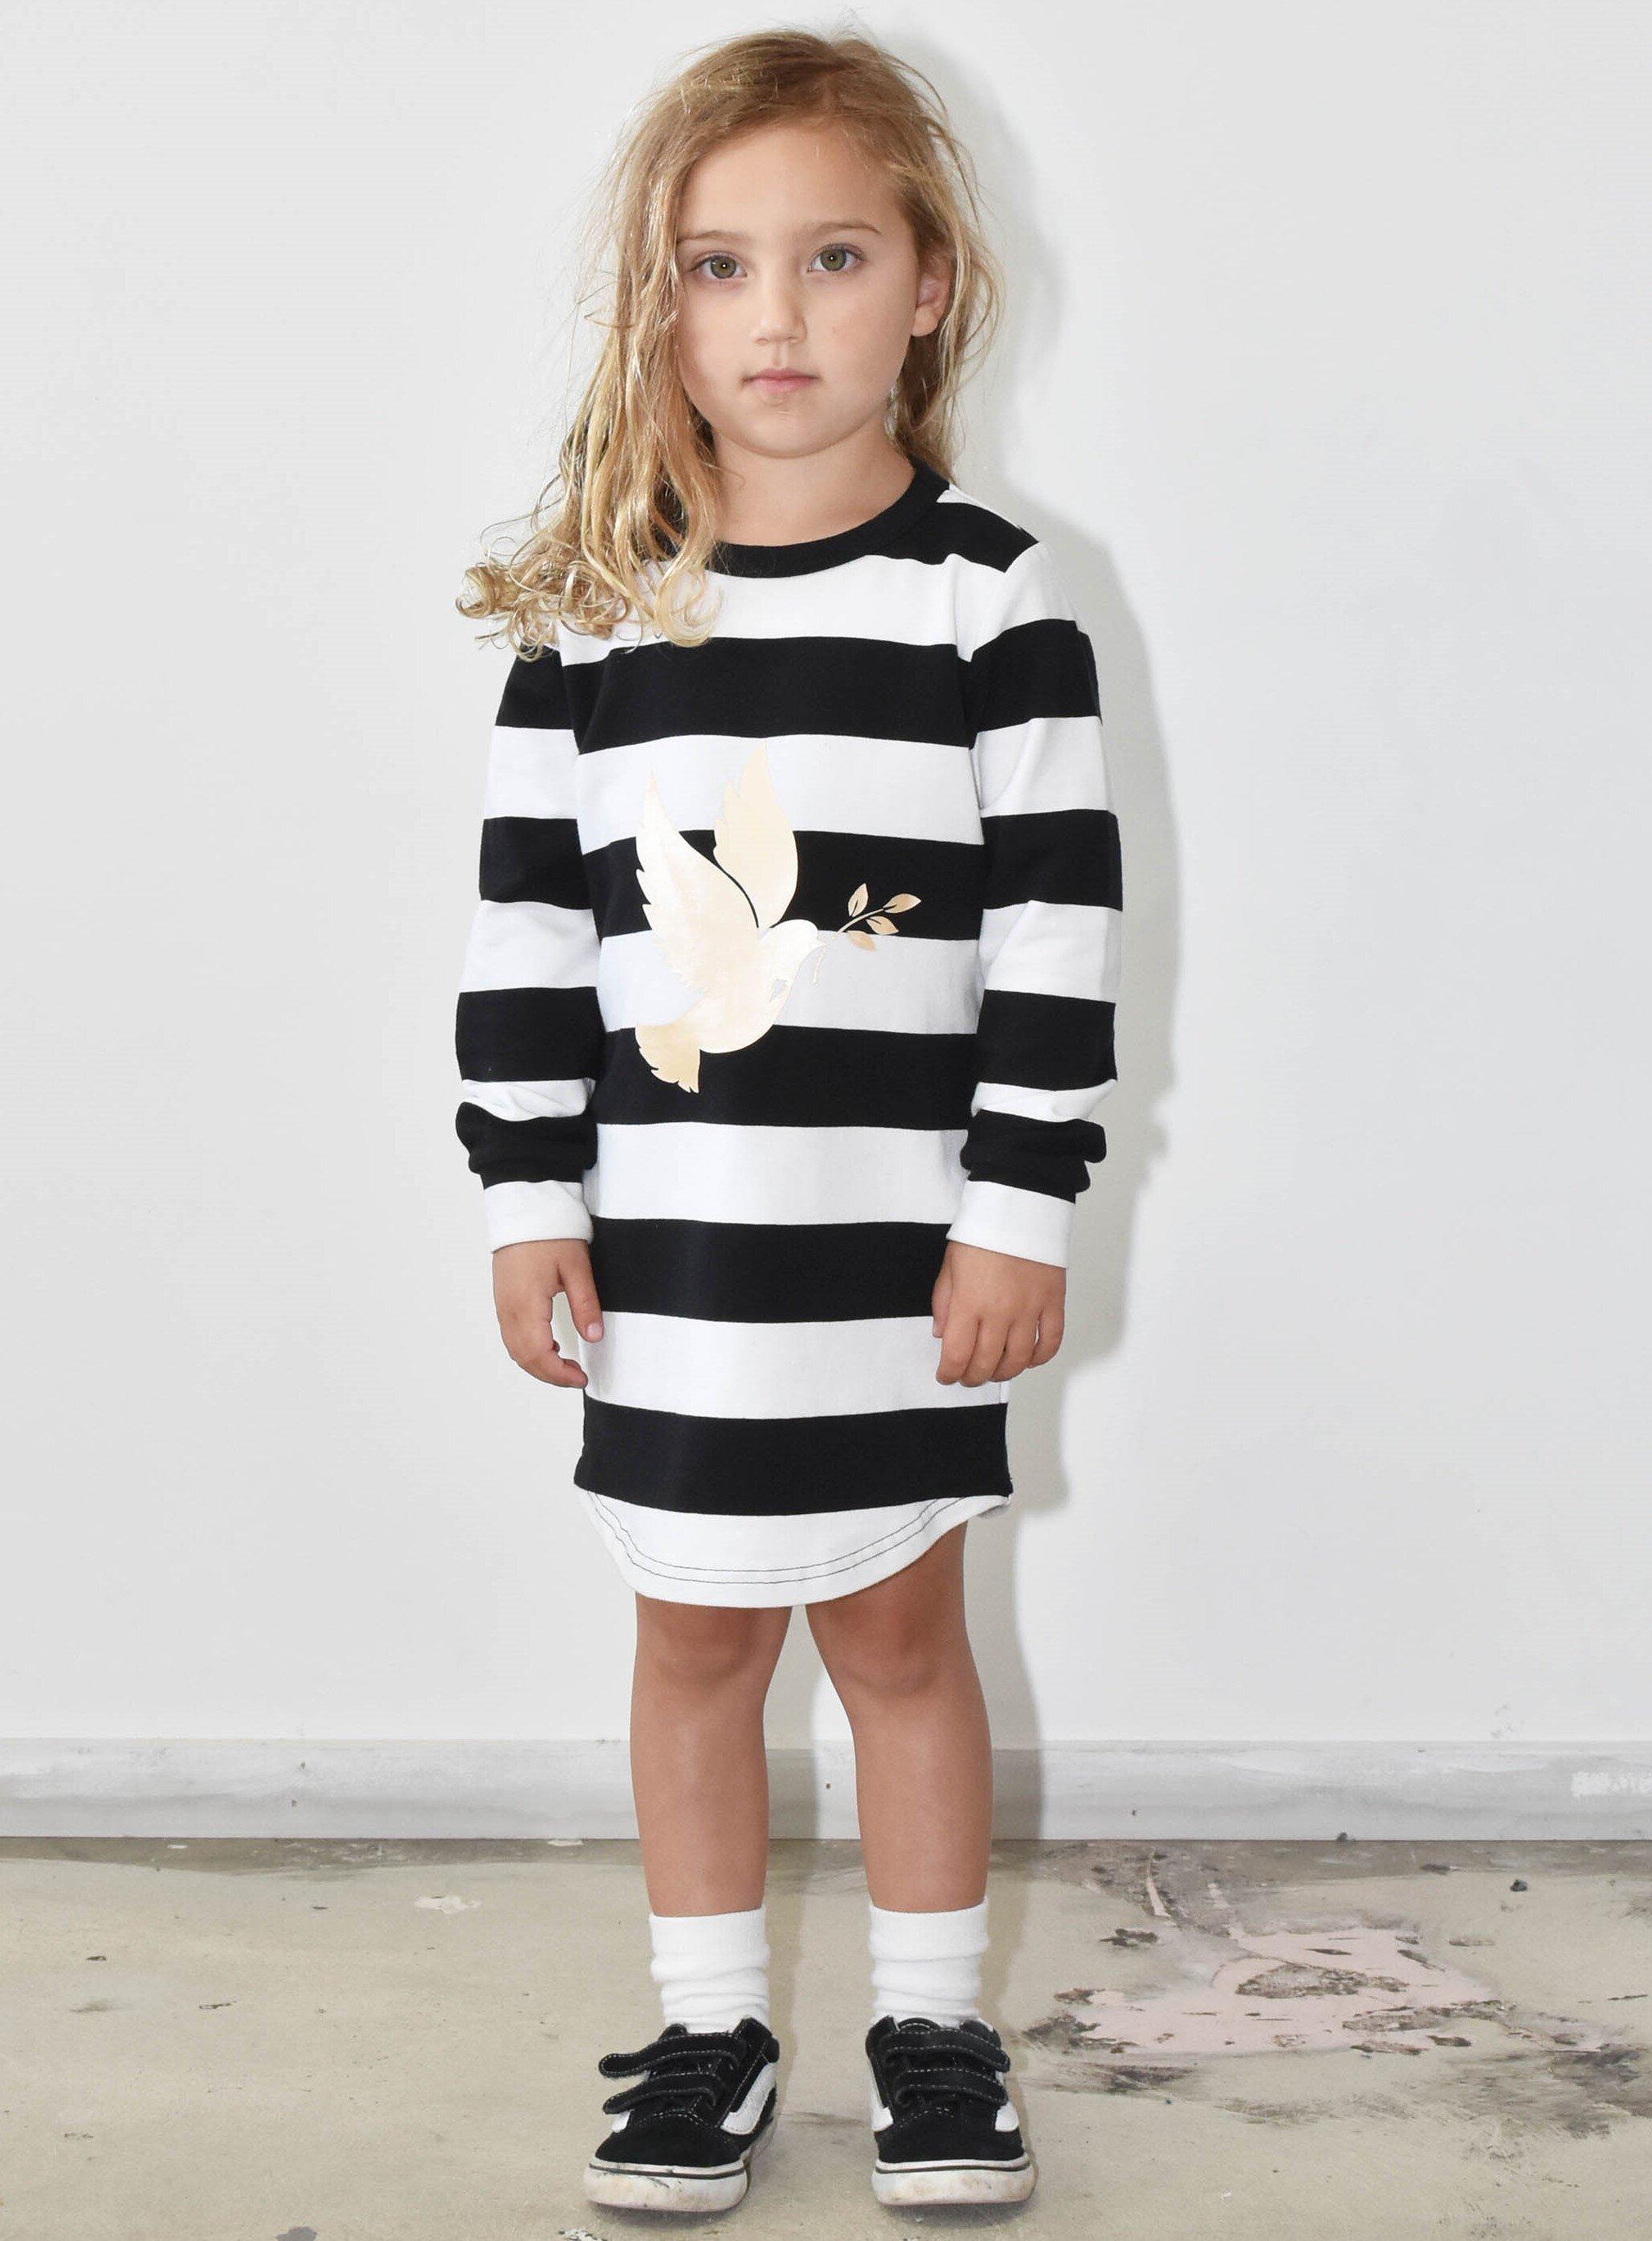 Fly Girl Dress